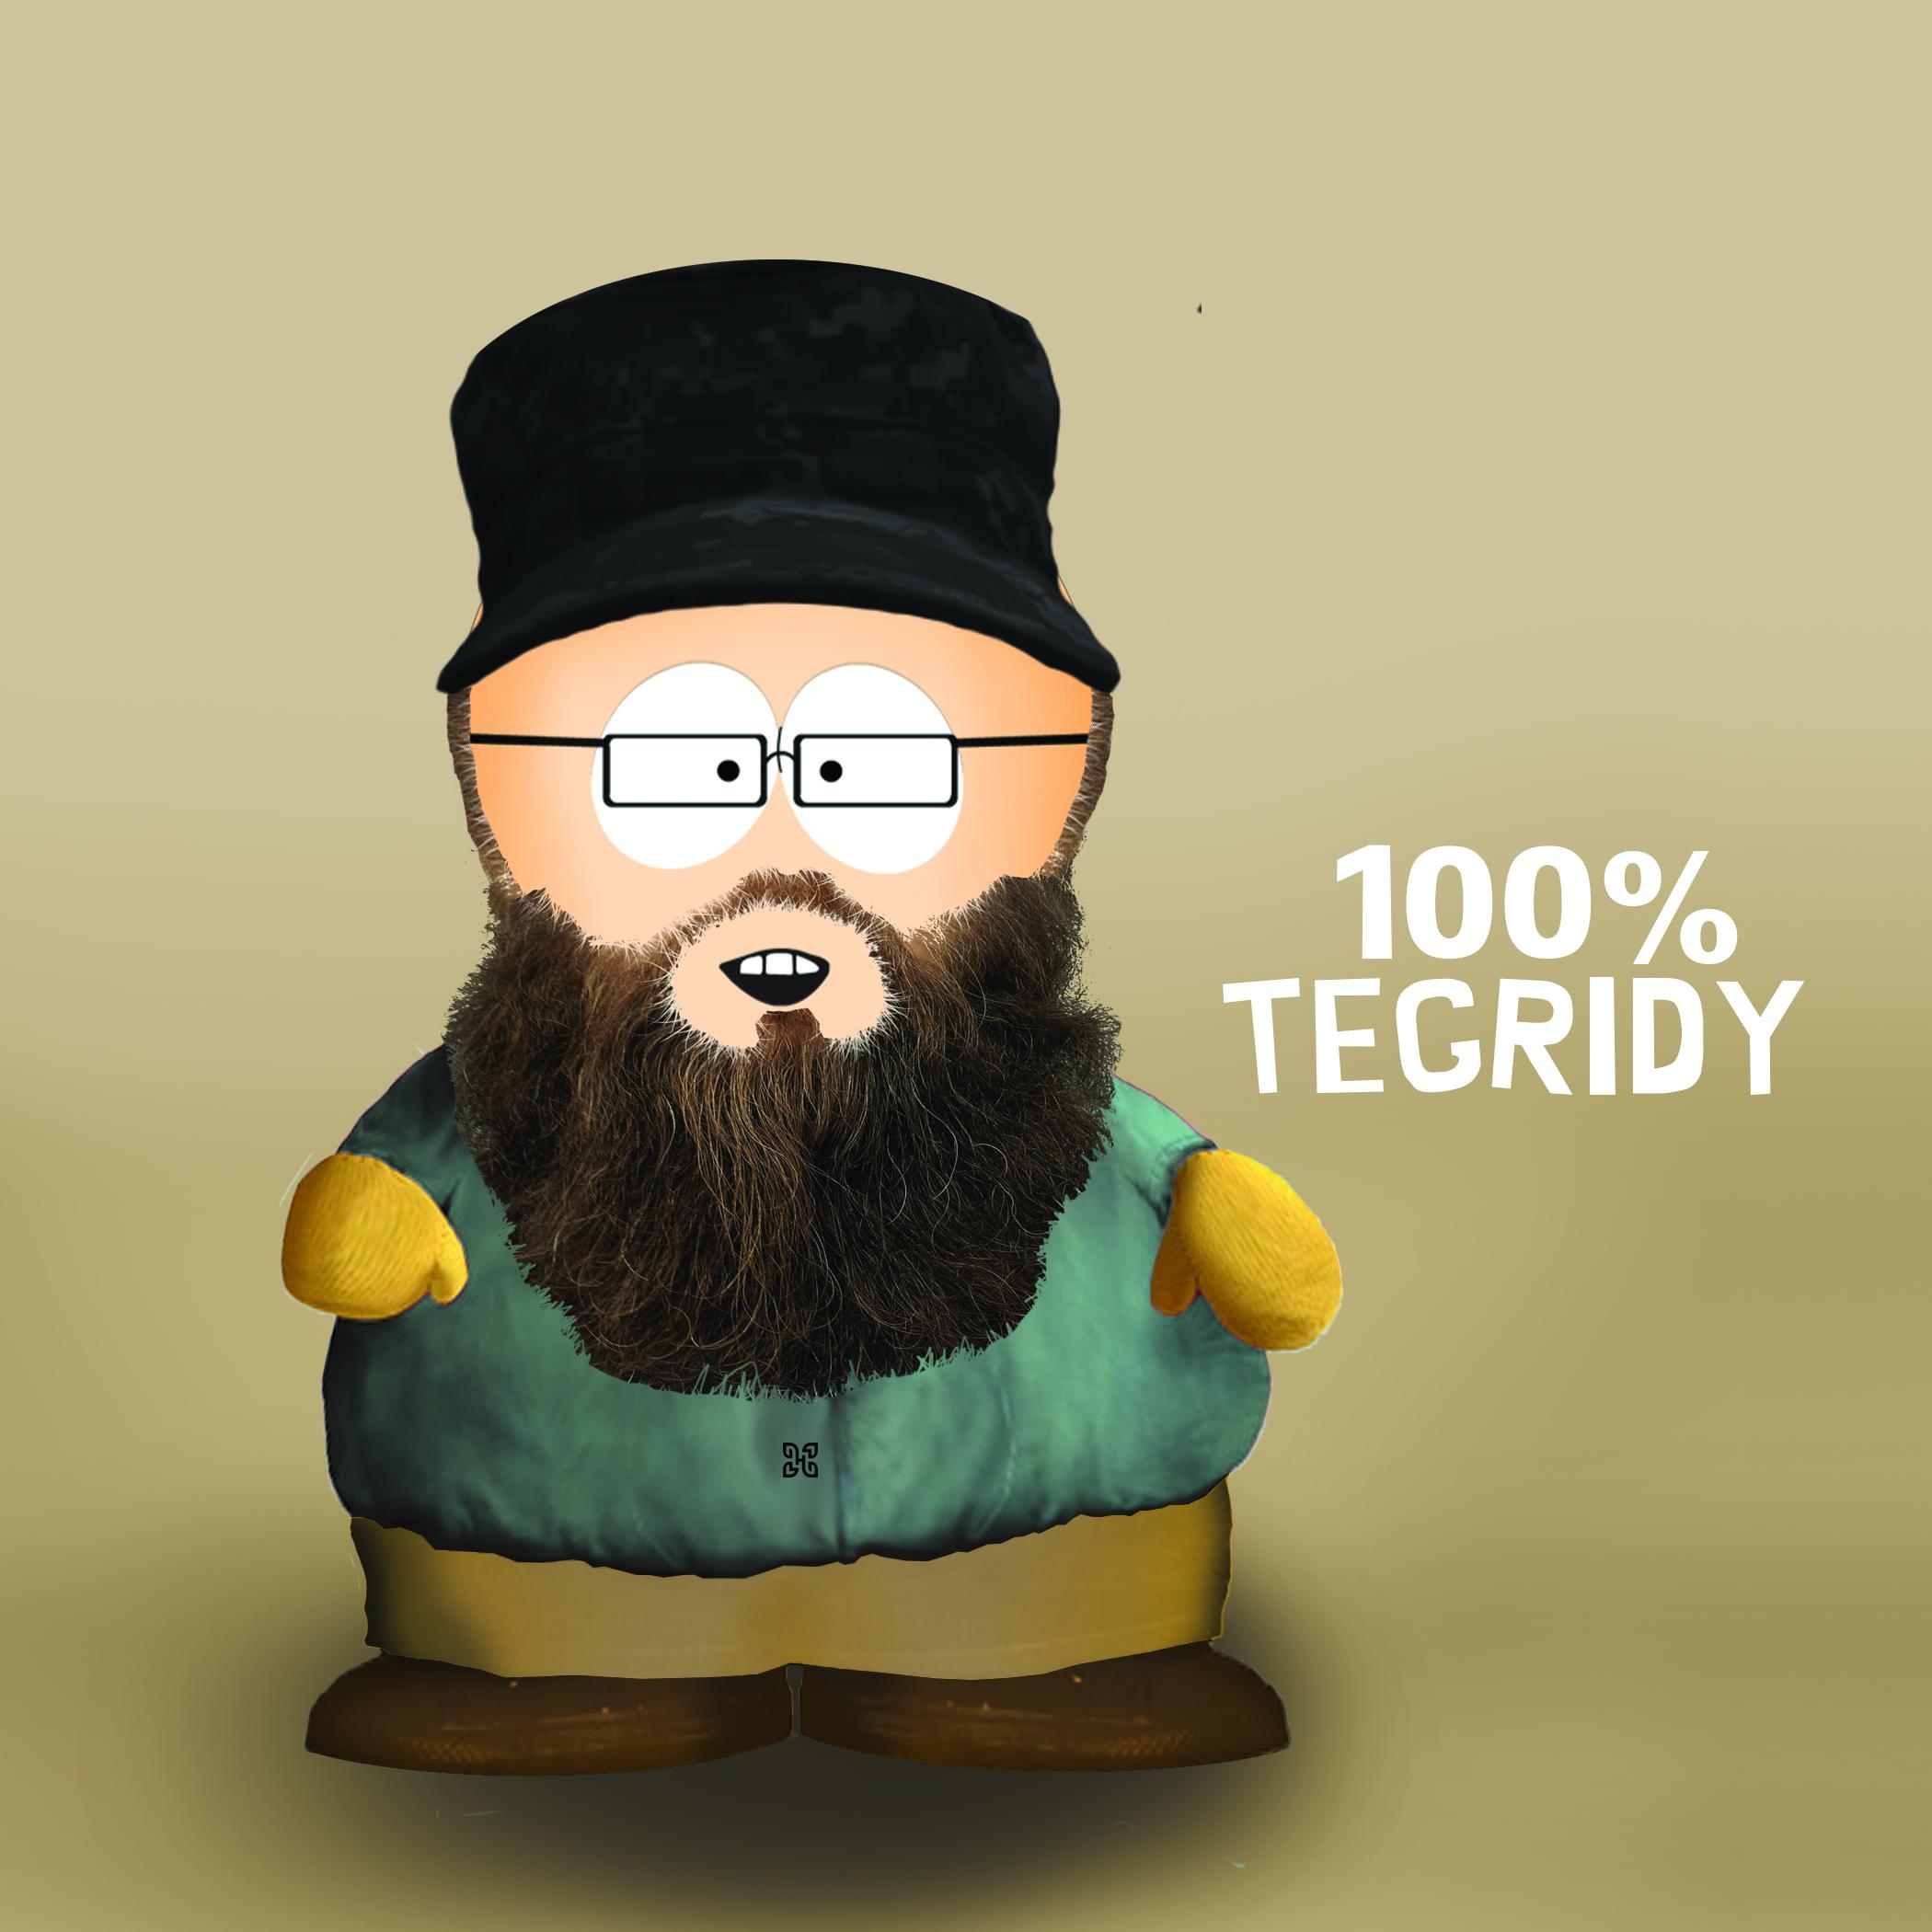 Tegridy OG